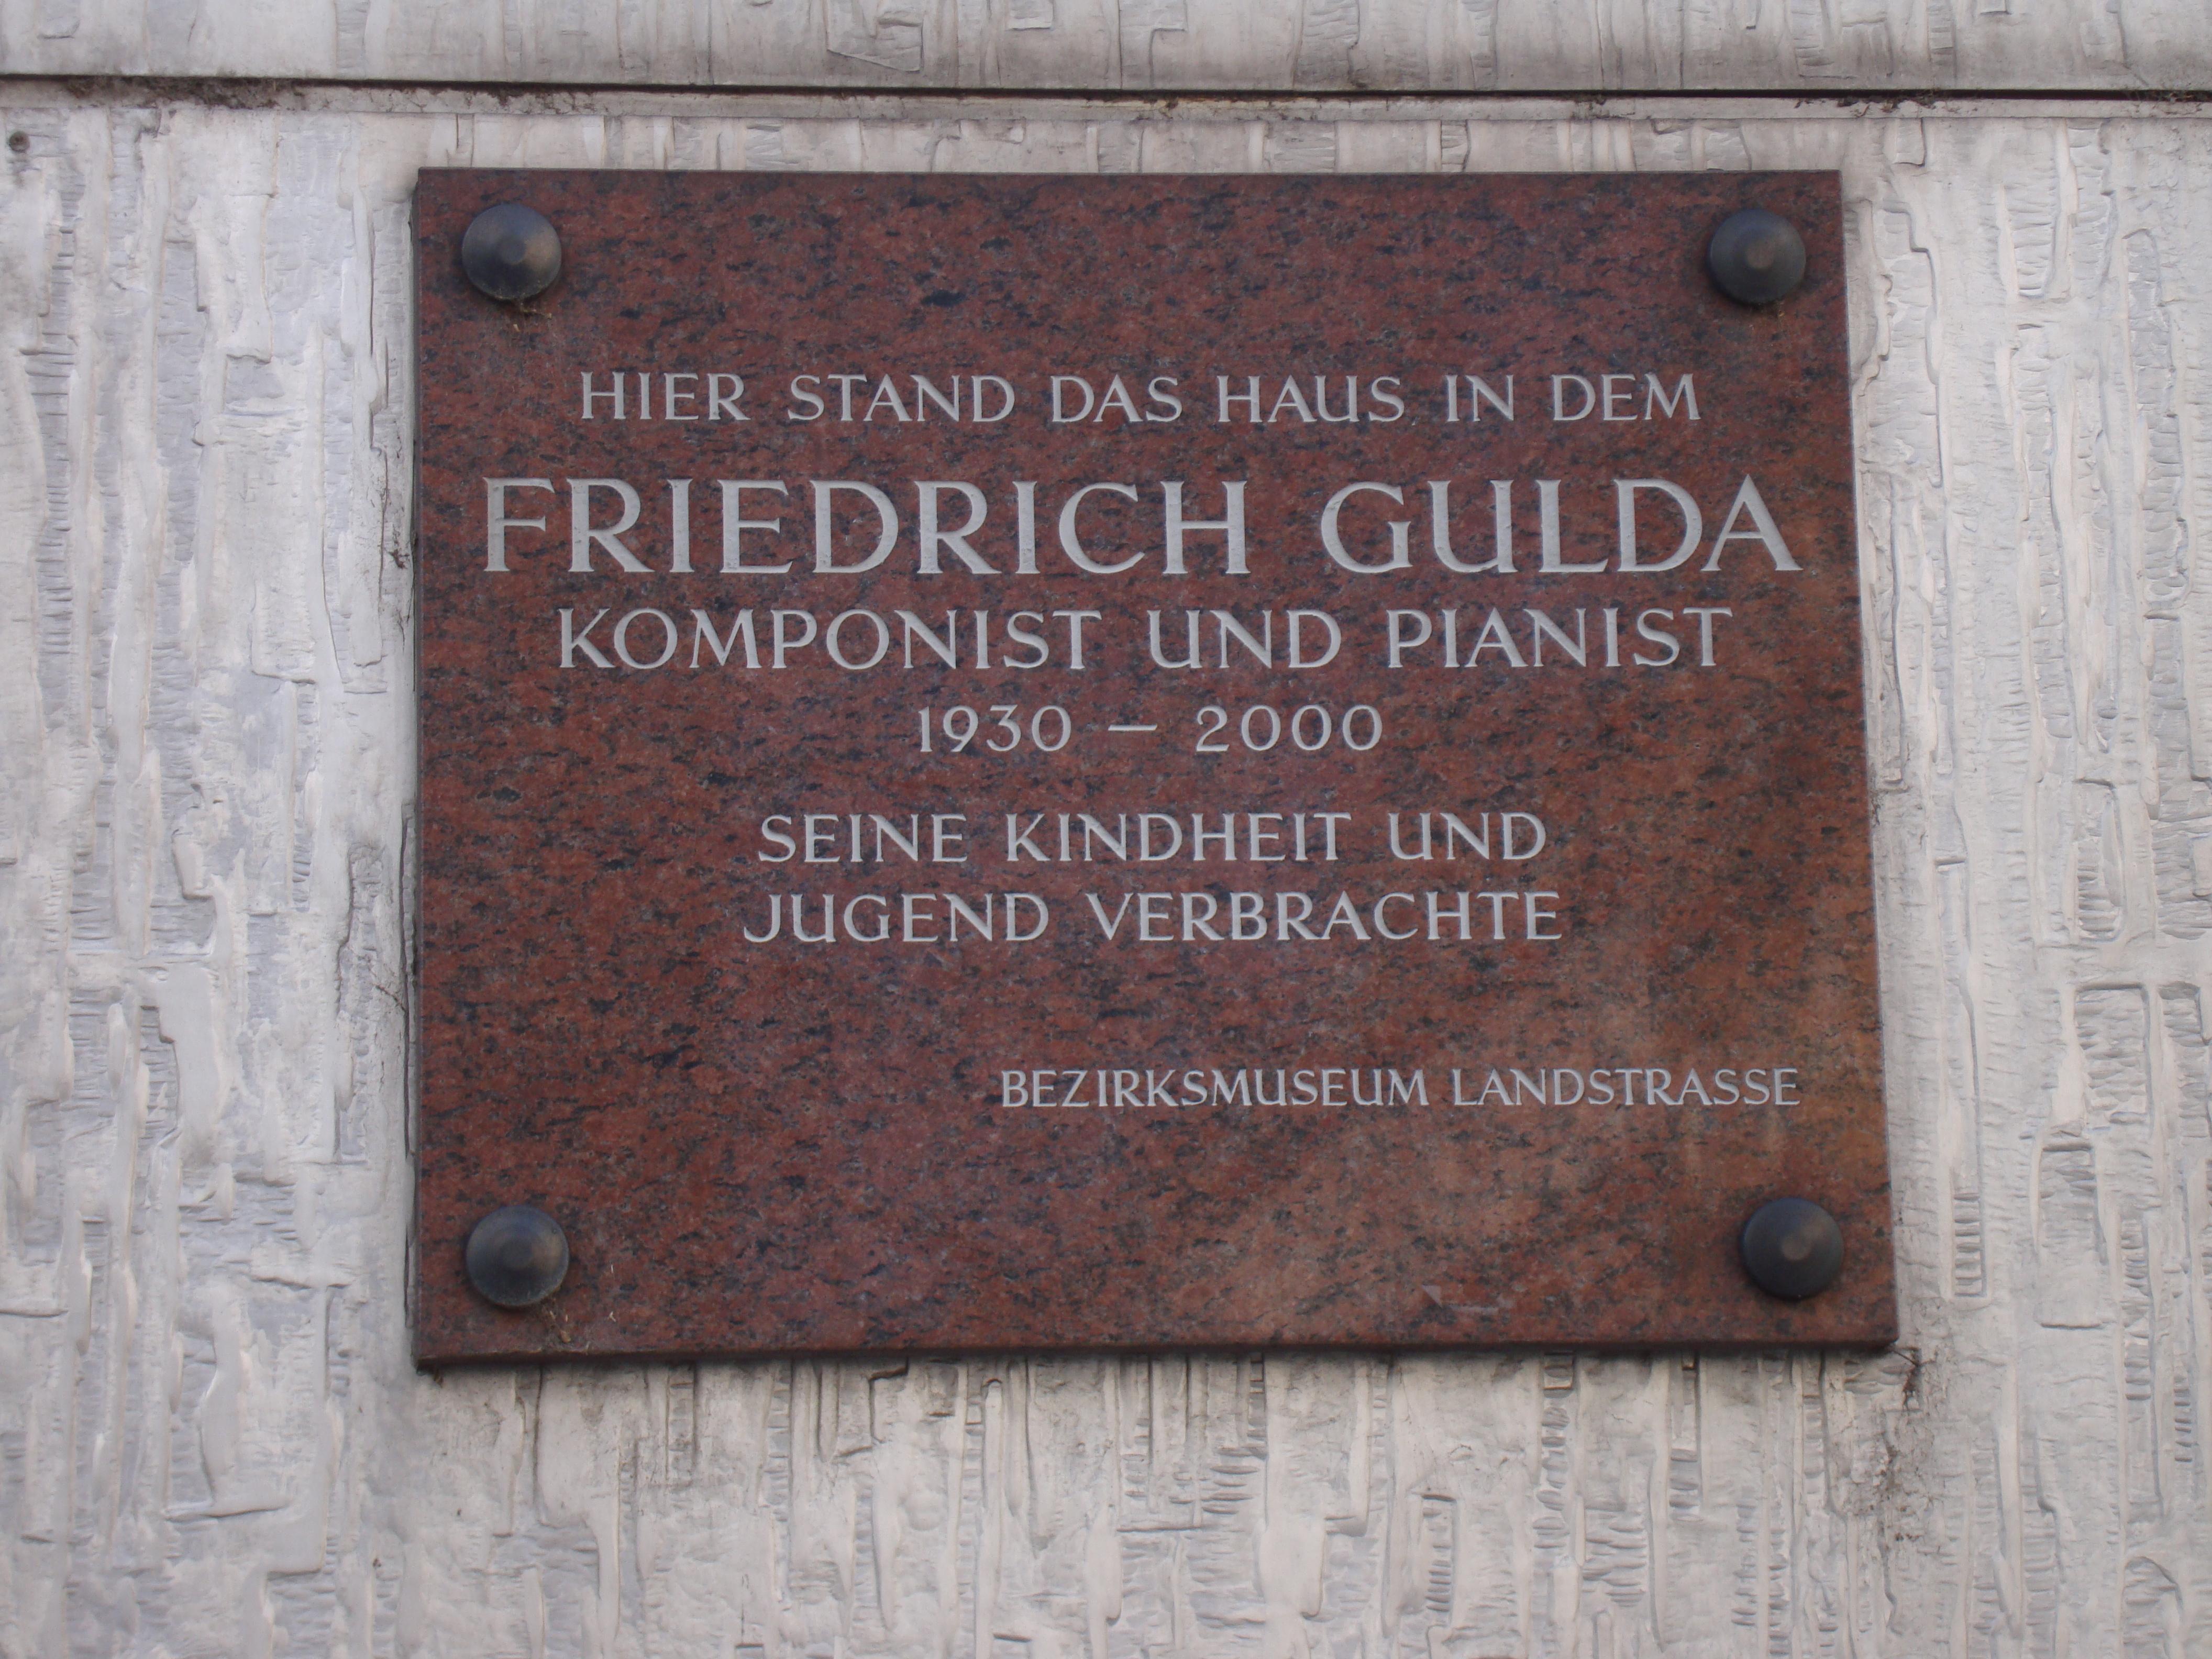 FGulda birthplace Vienna.JPG